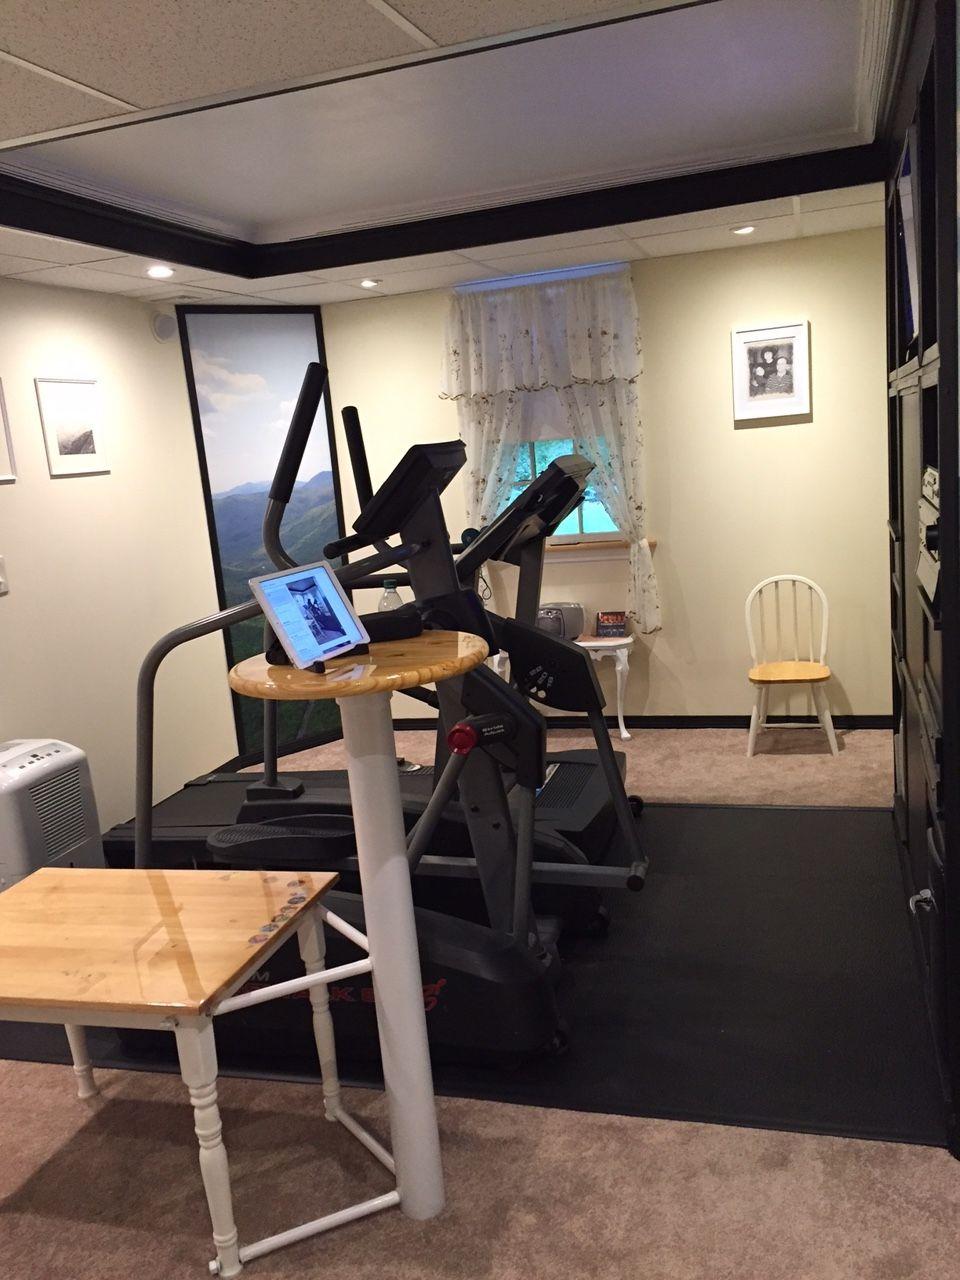 Home Gym Flooring Tile Pebble 10 mm Home gym flooring